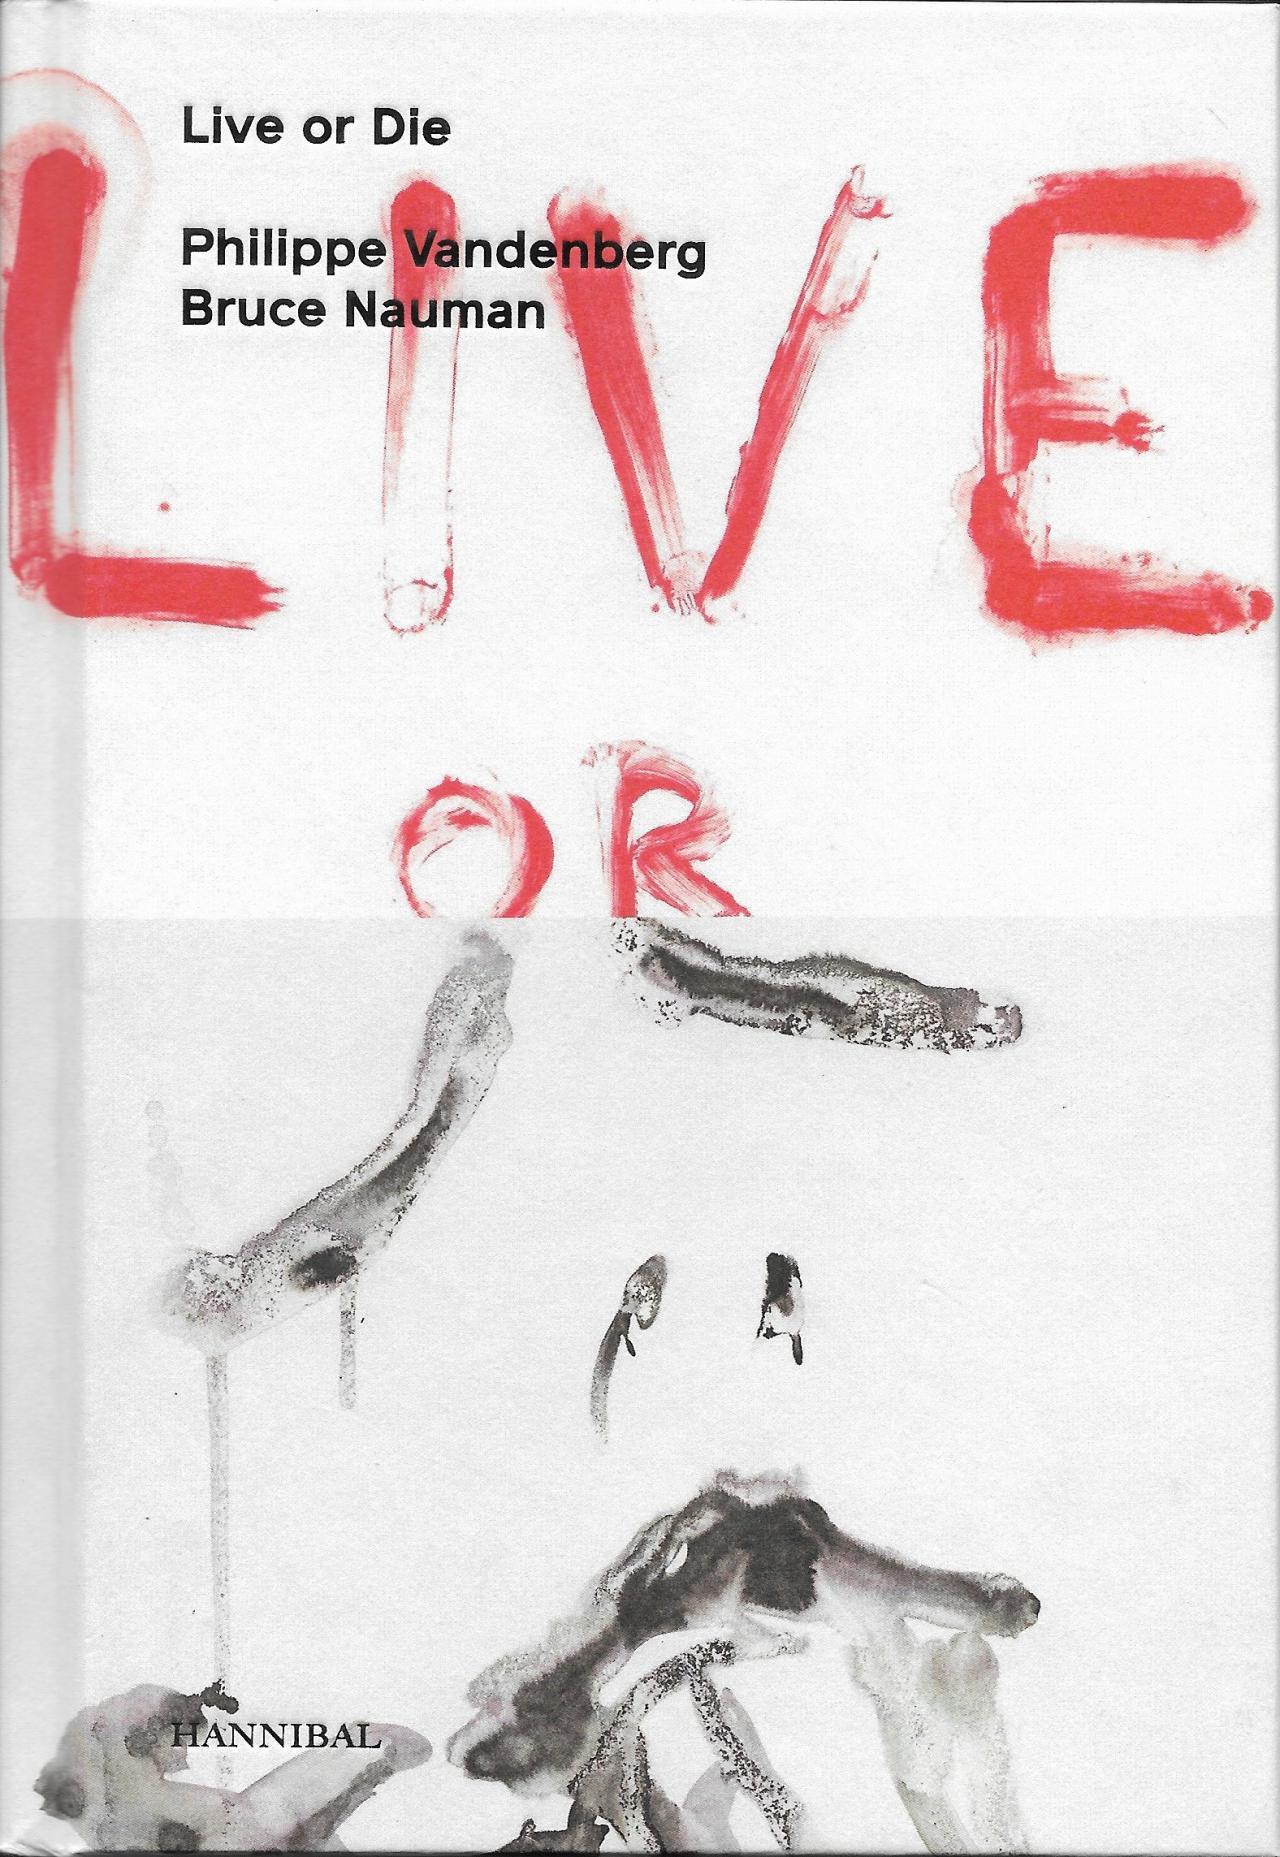 Philippe Vandenberg: Live or Die